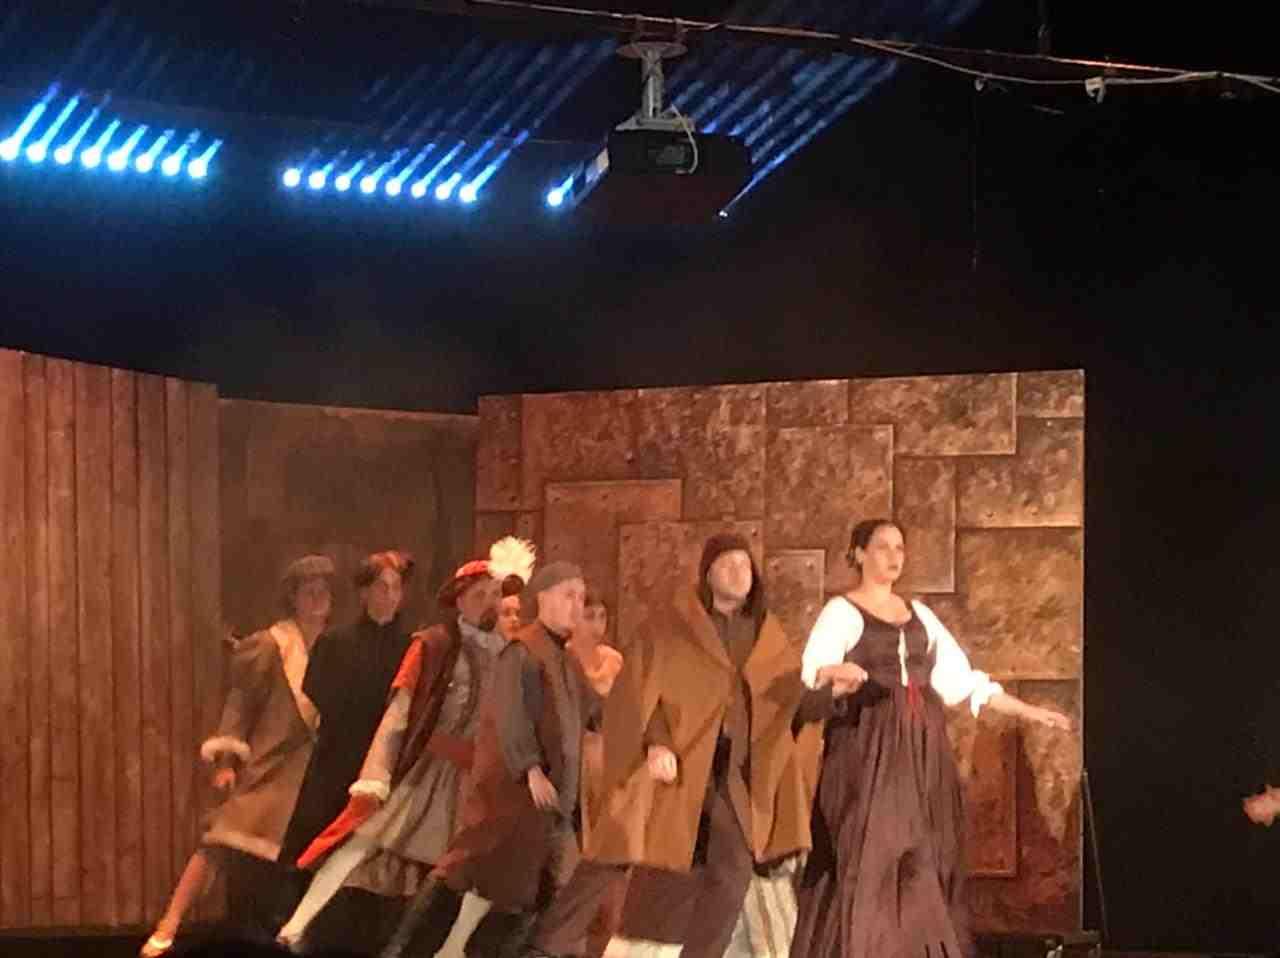 В Новороссийске продолжается фестиваль «Театральная гавань». Сегодня дают «Эзопа»